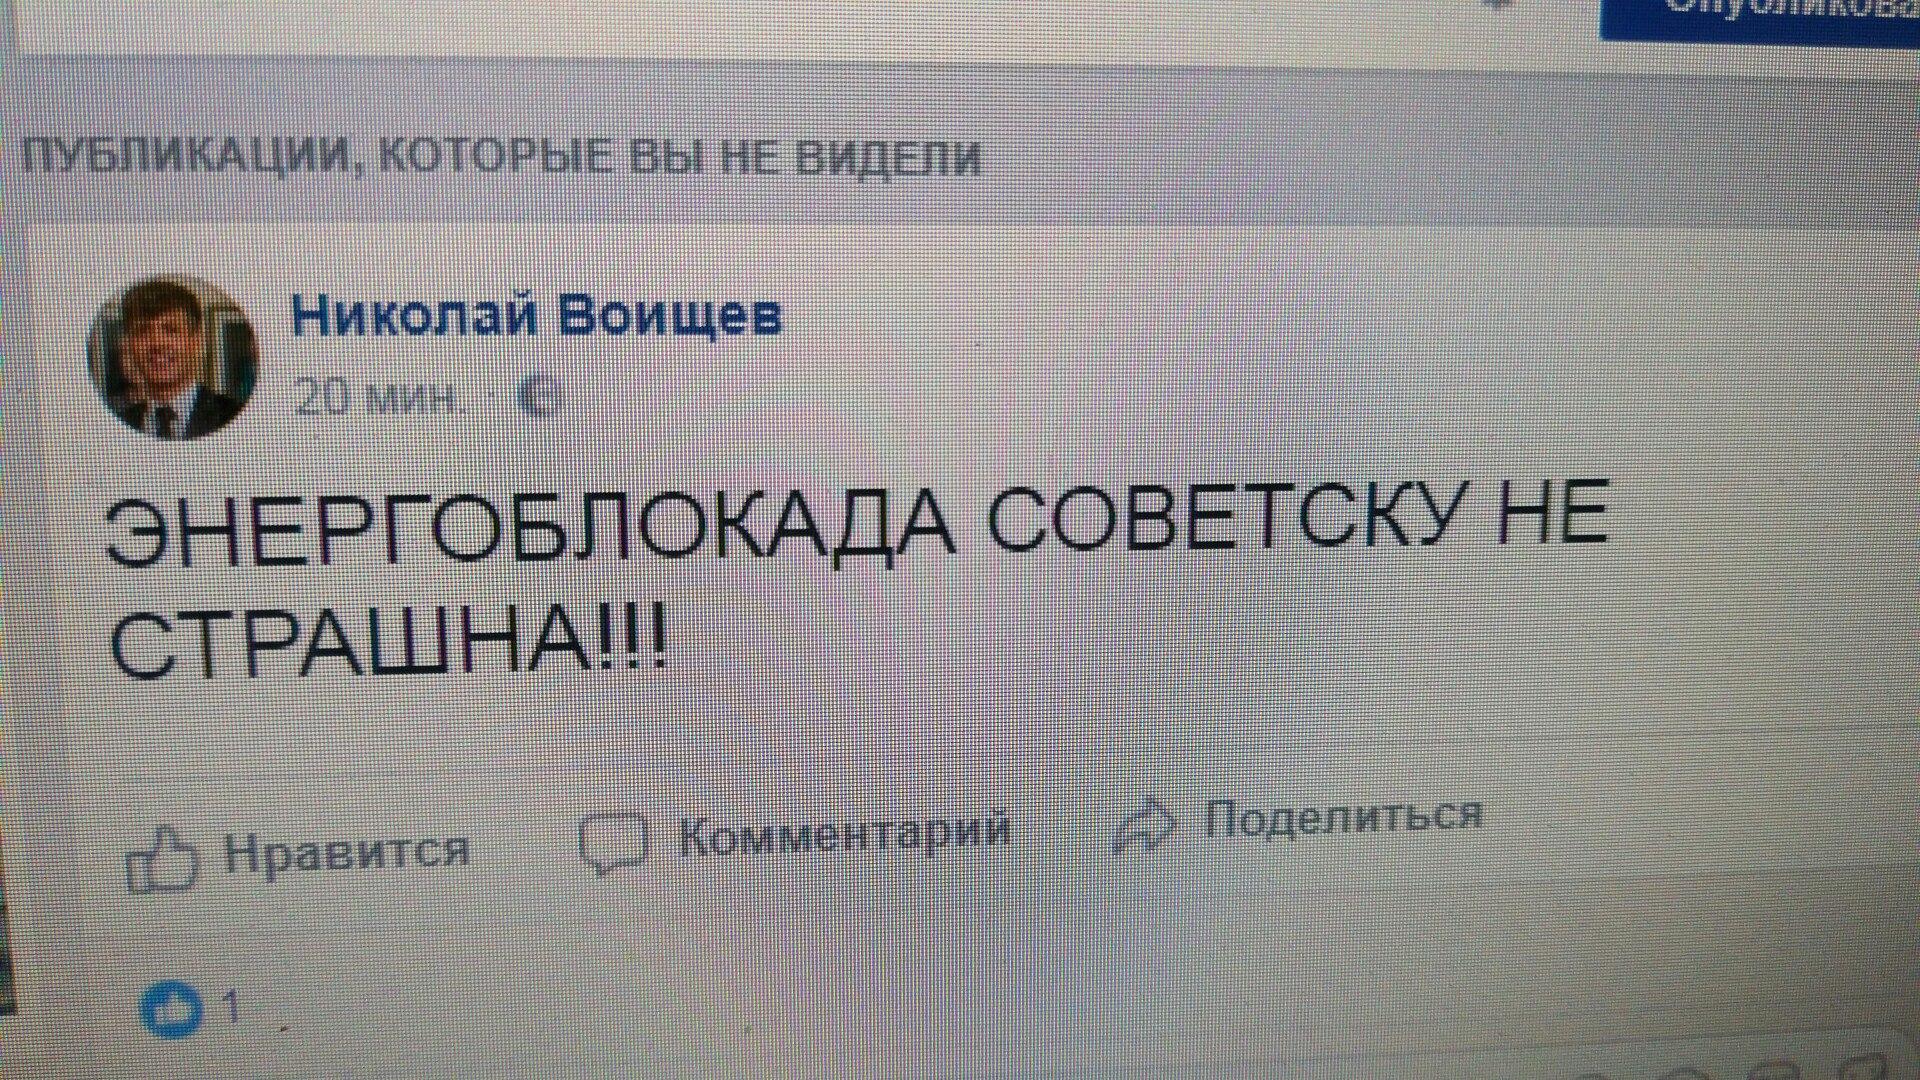 Воищев: «Энергоблокада Советску не страшна!!!»